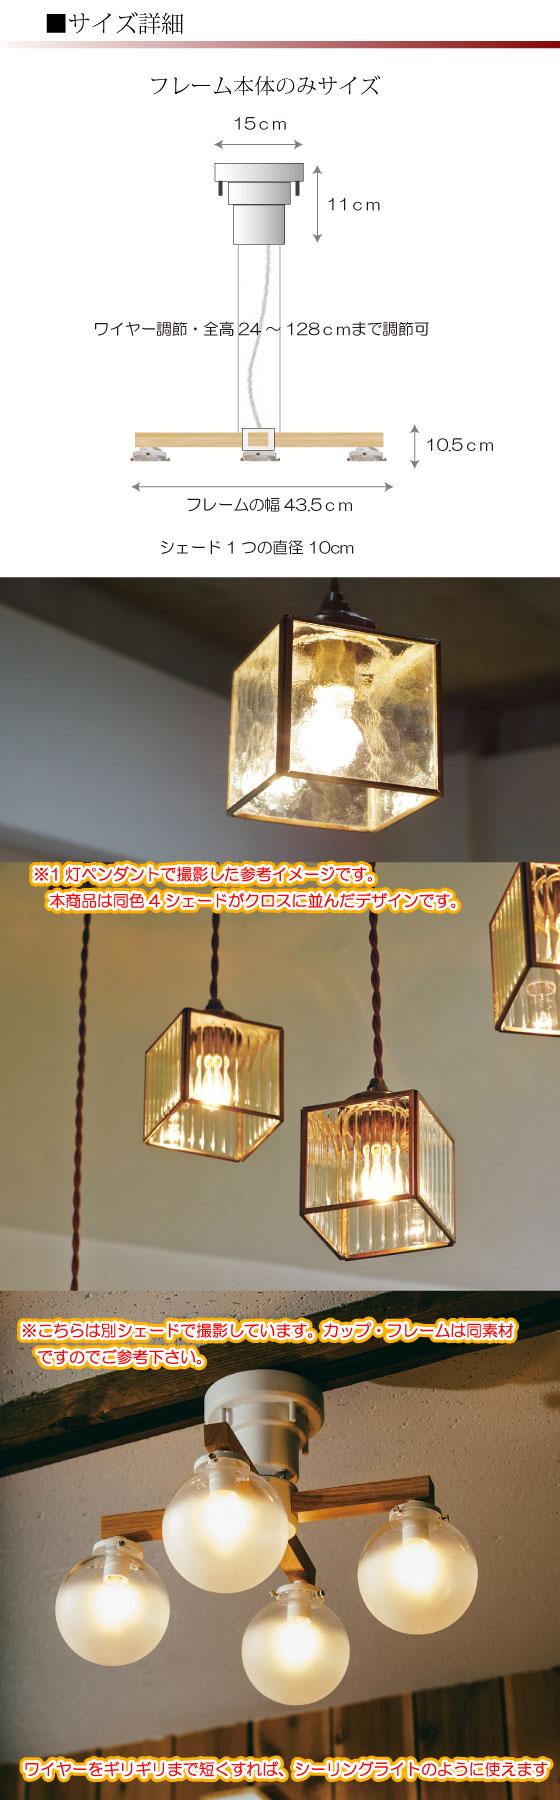 キューブガラス・4灯ペンダントランプ(クロスデザイン・LED対応)